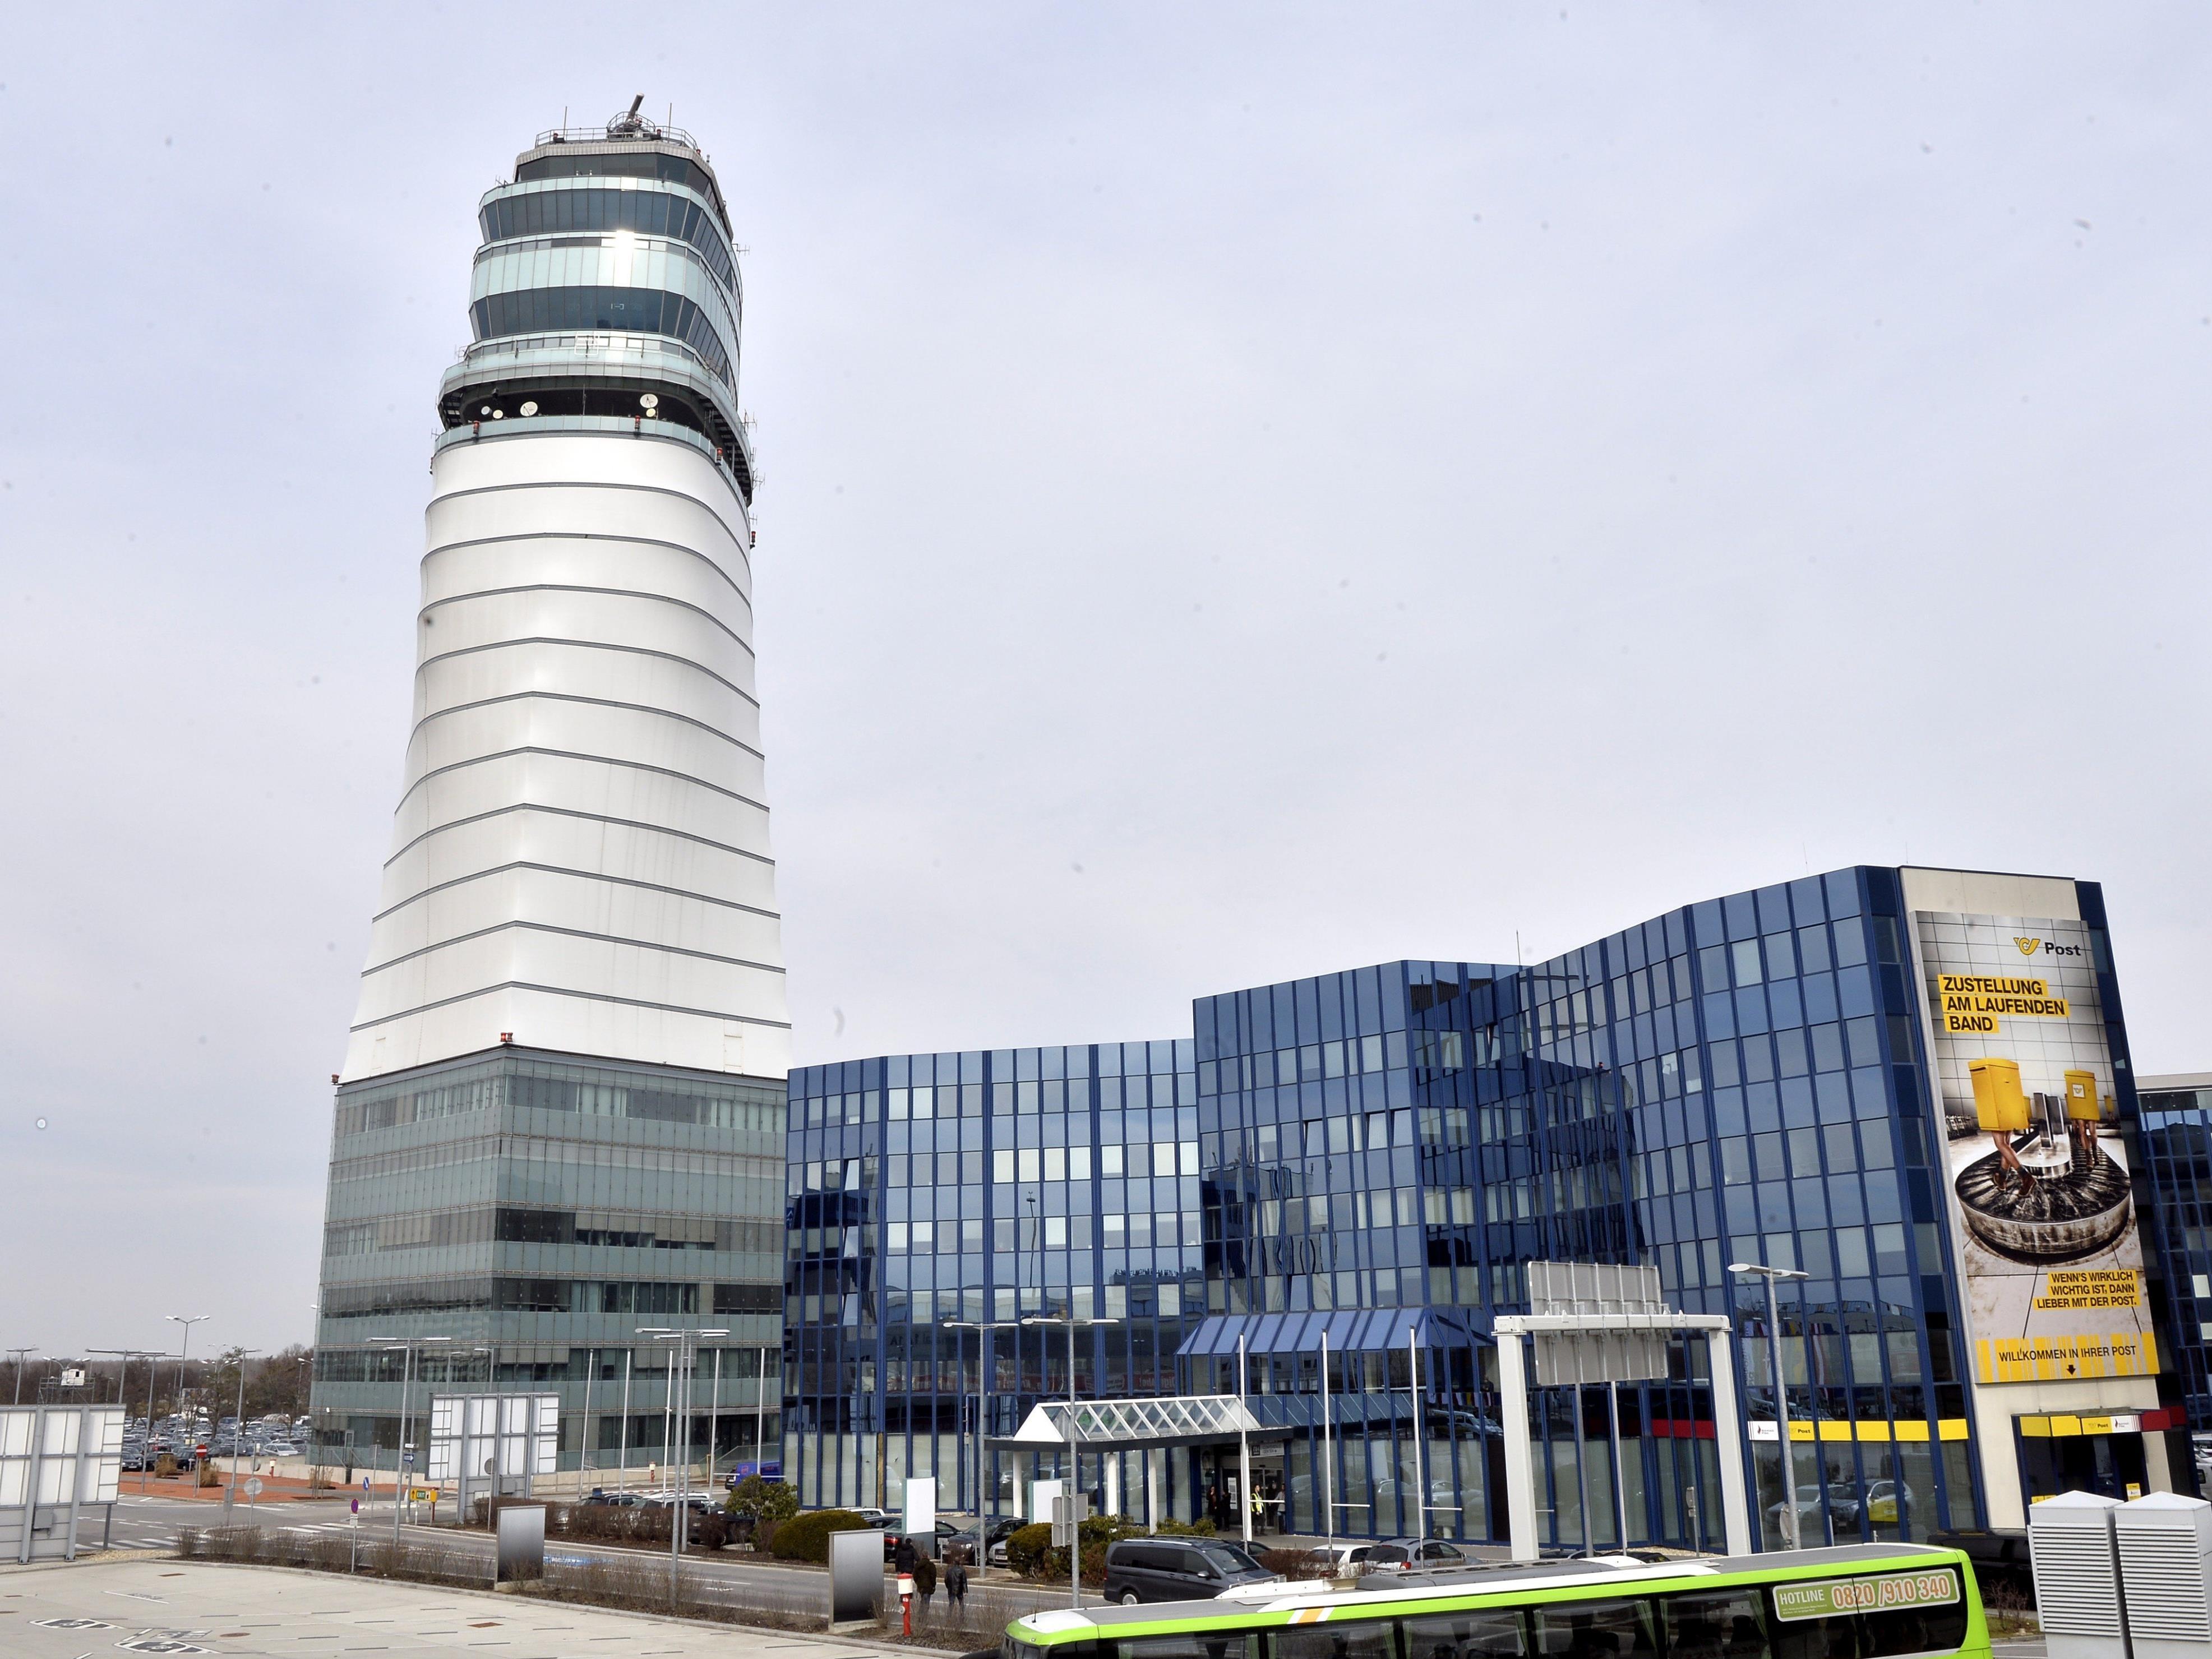 Der Bundeswehrsoldat hatte am Flughafen Wien eine geladene Waffe versteckt.